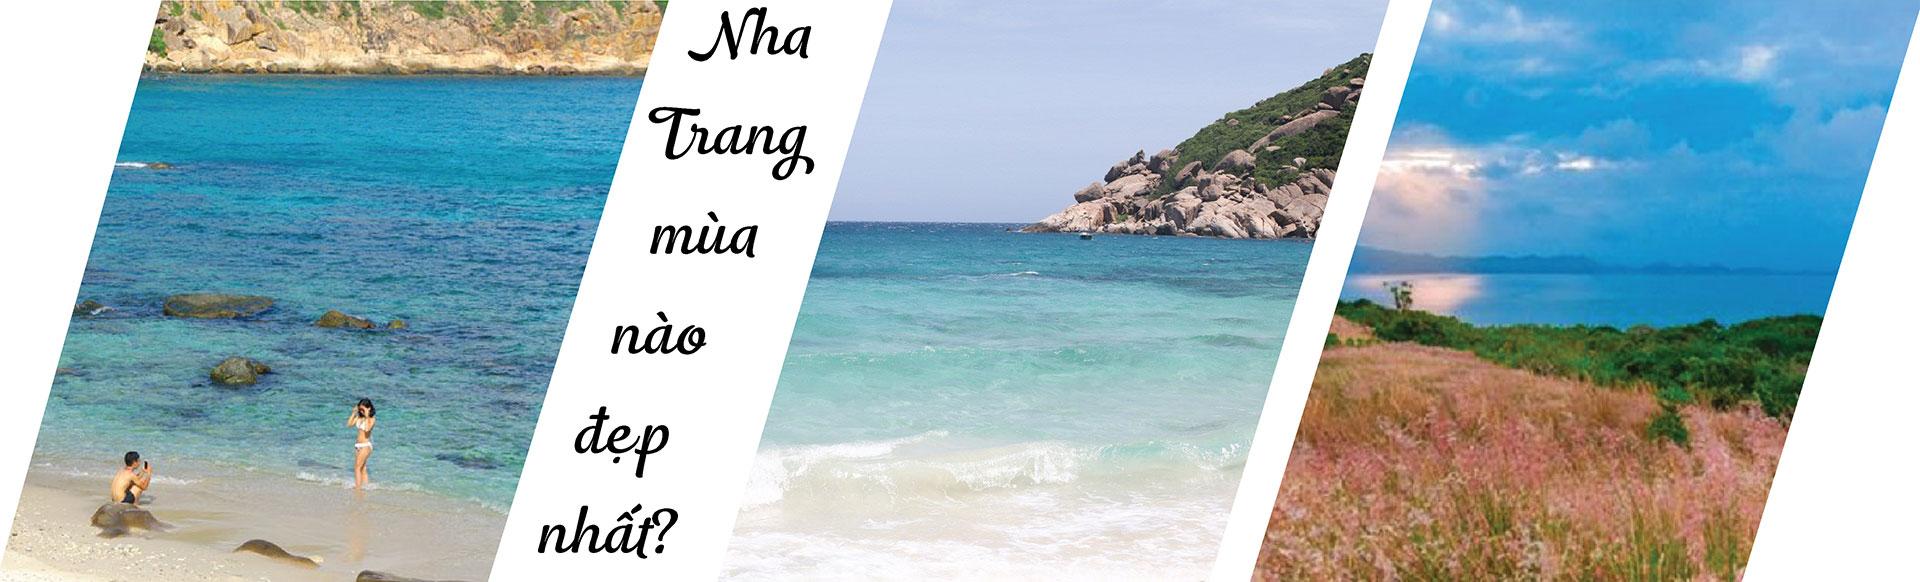 Du lịch Nha Trang để thấy Việt Nam đẹp mê đắm thế nào? - 4